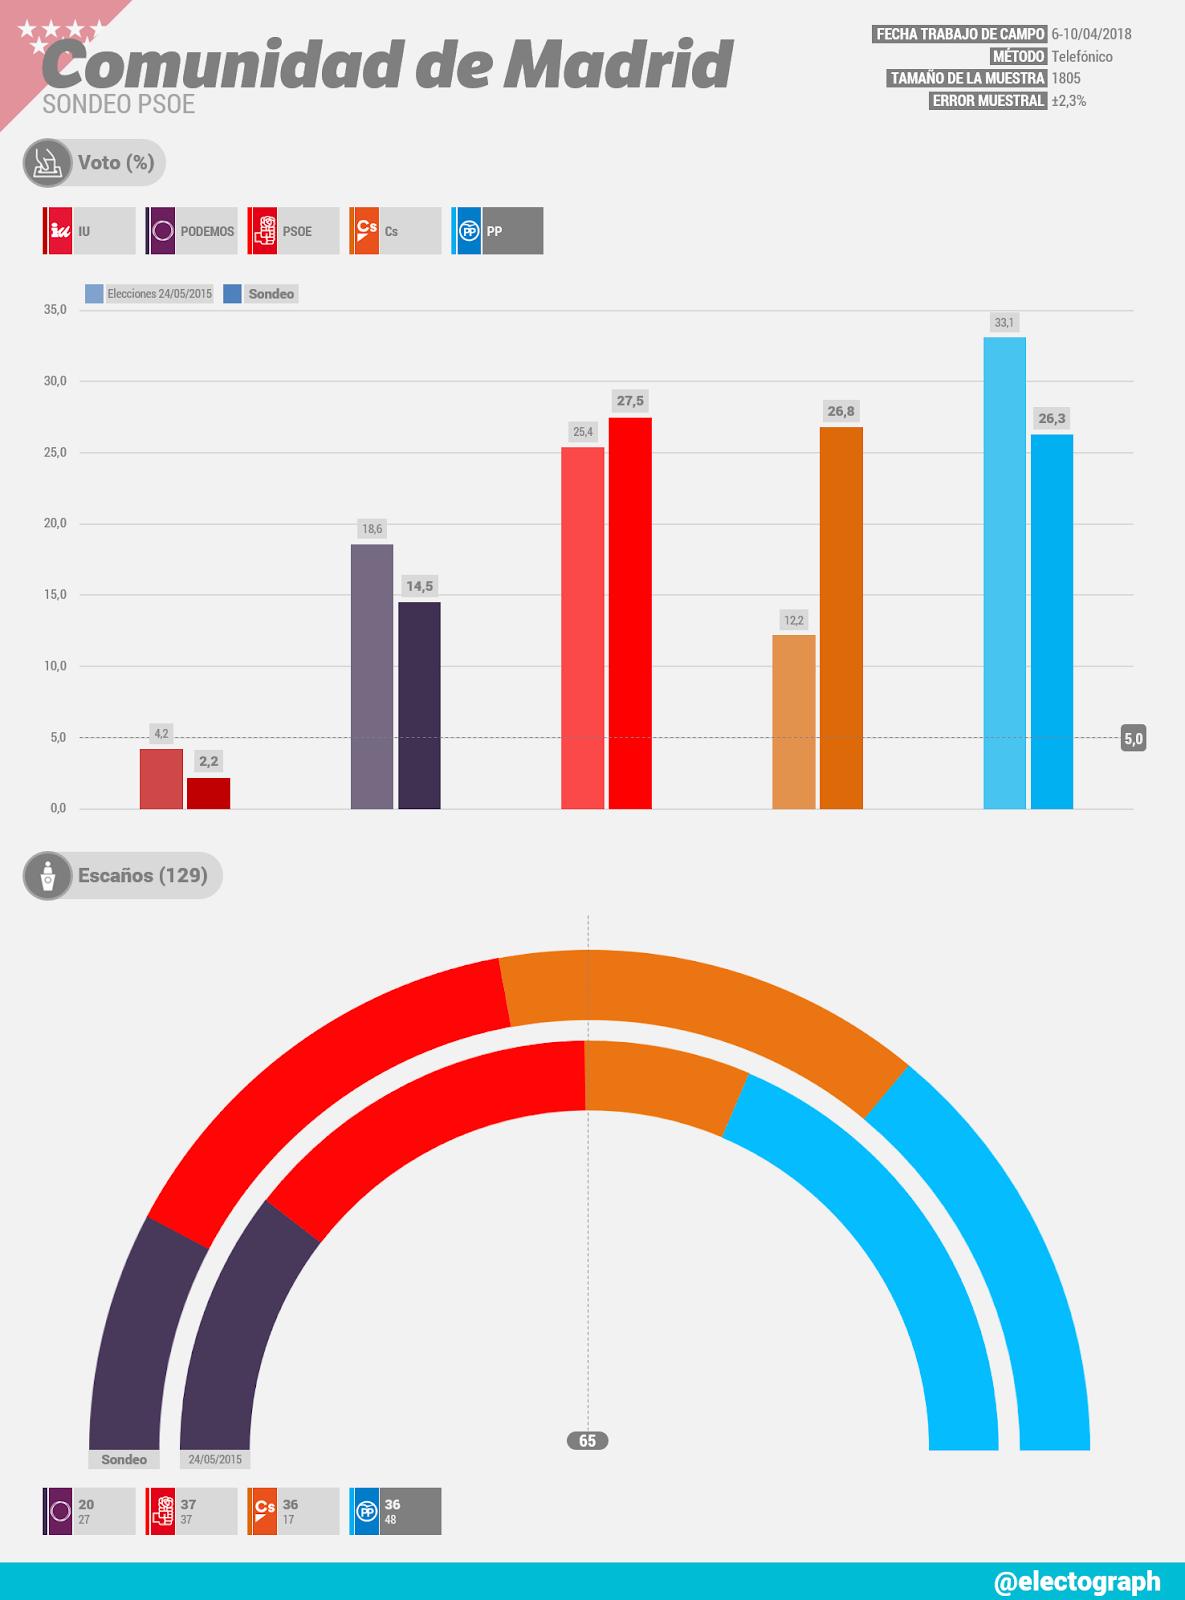 Gráfico de la encuesta para elecciones autonómicas en la Comunidad de Madrid realizada para el PSOE en abril de 2018